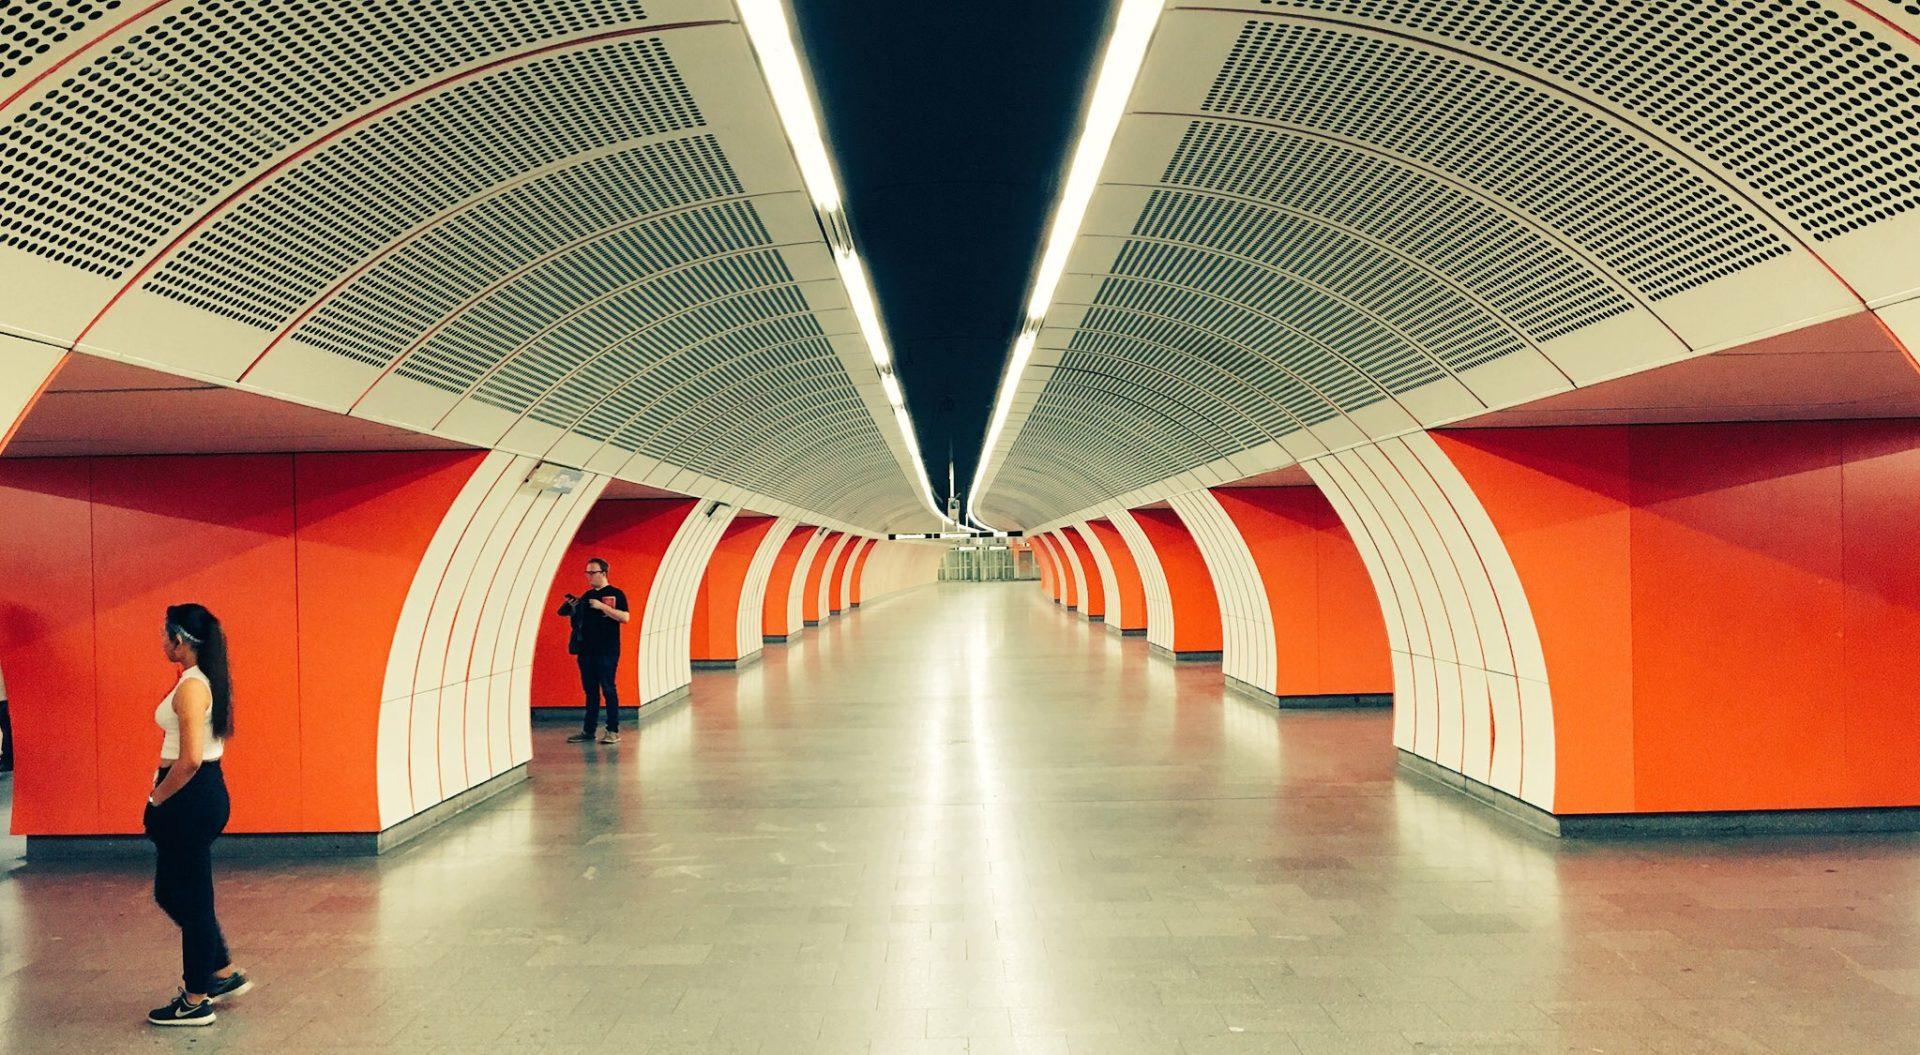 U-Bahn station in Vienna